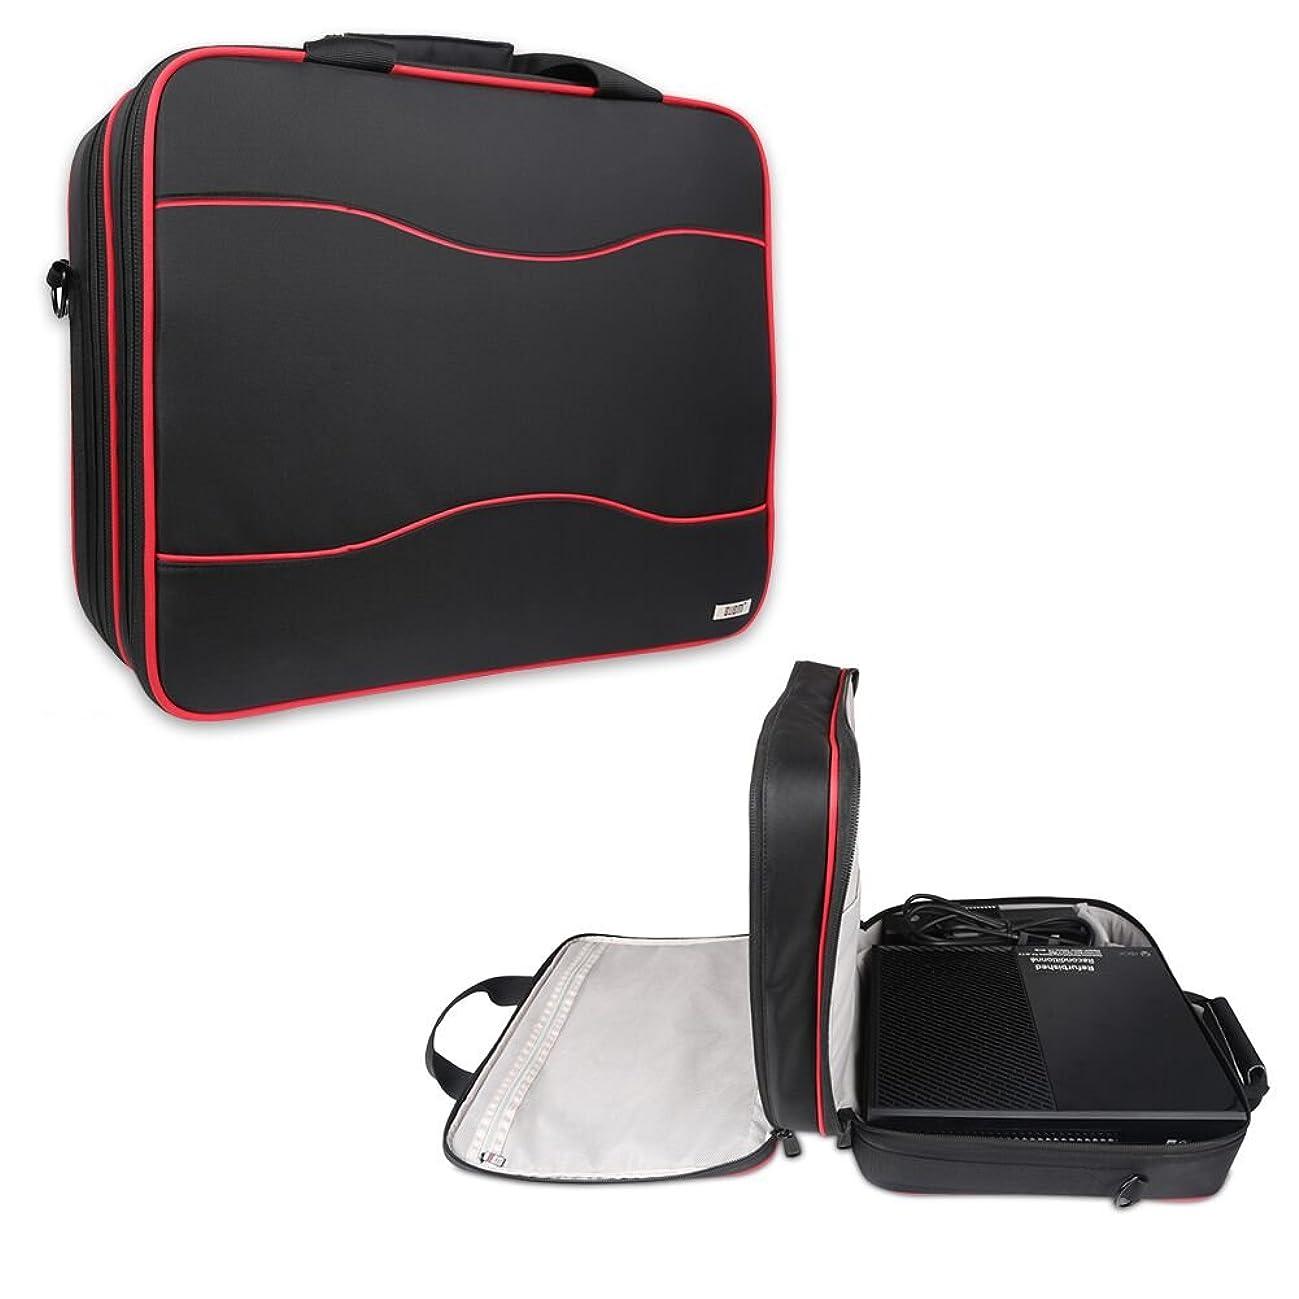 利得背景指標BUBM PlayStation4 Pro/ Microsoft Xbox One 収納ケース 防水 耐衝撃 本体?周辺機器 まとめ収納 手提げ 肩掛け スーツケースに掛けられ